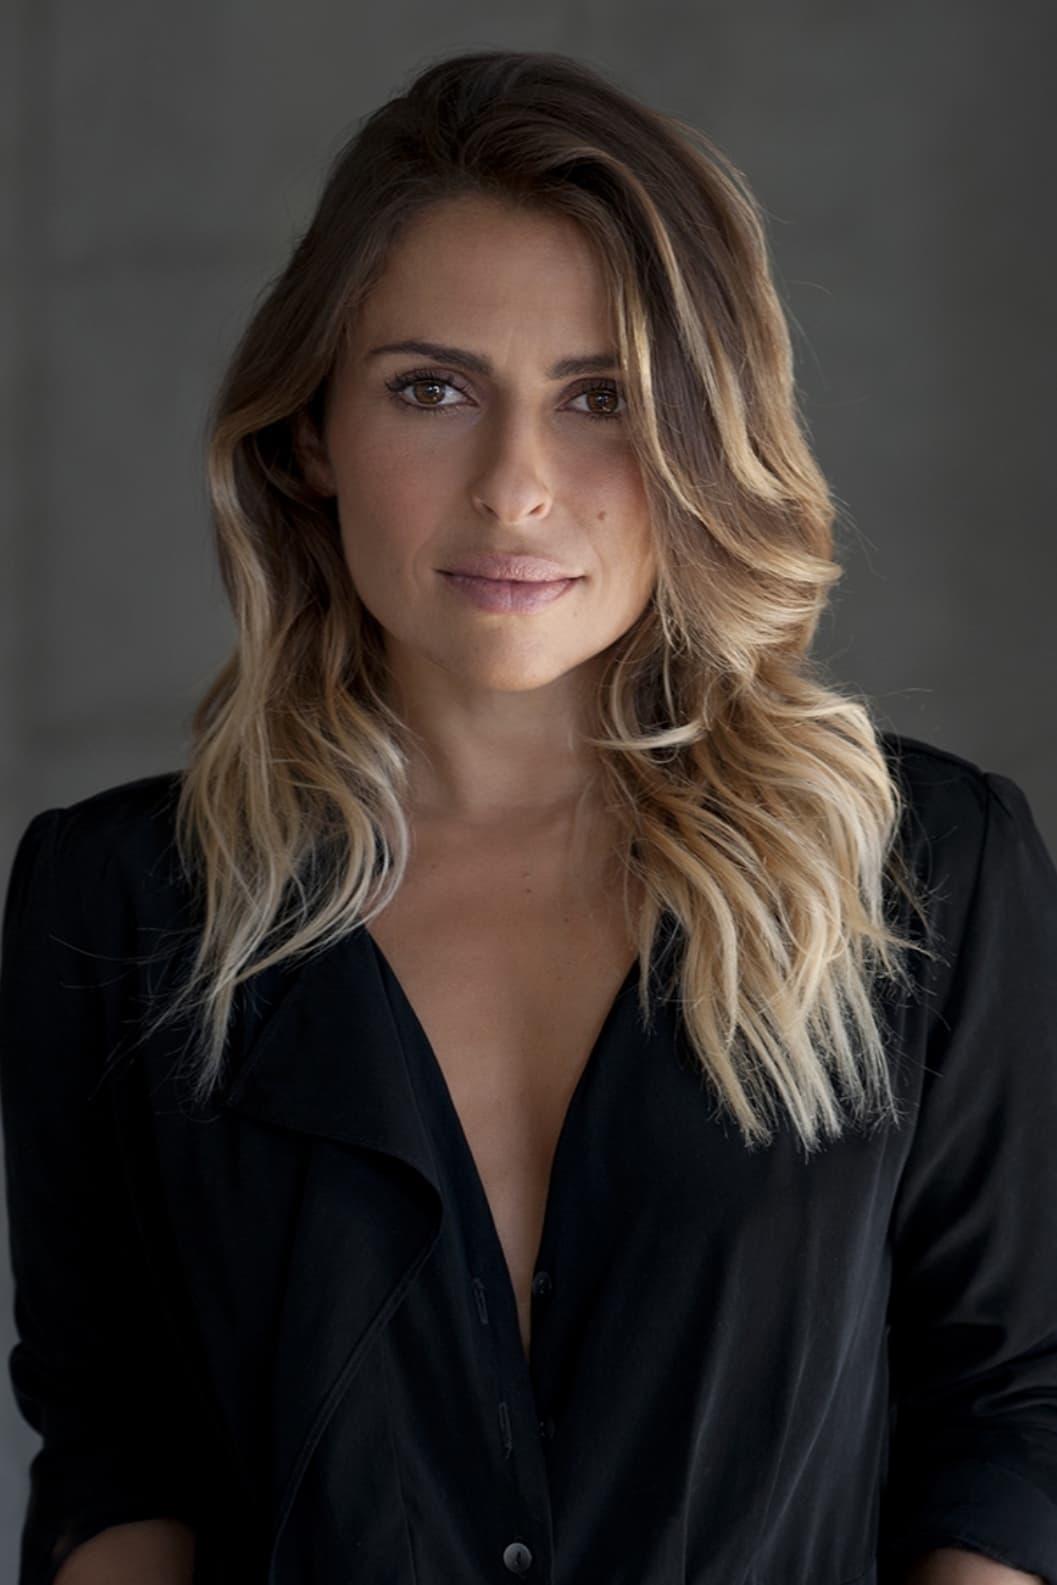 Maria Sampaio